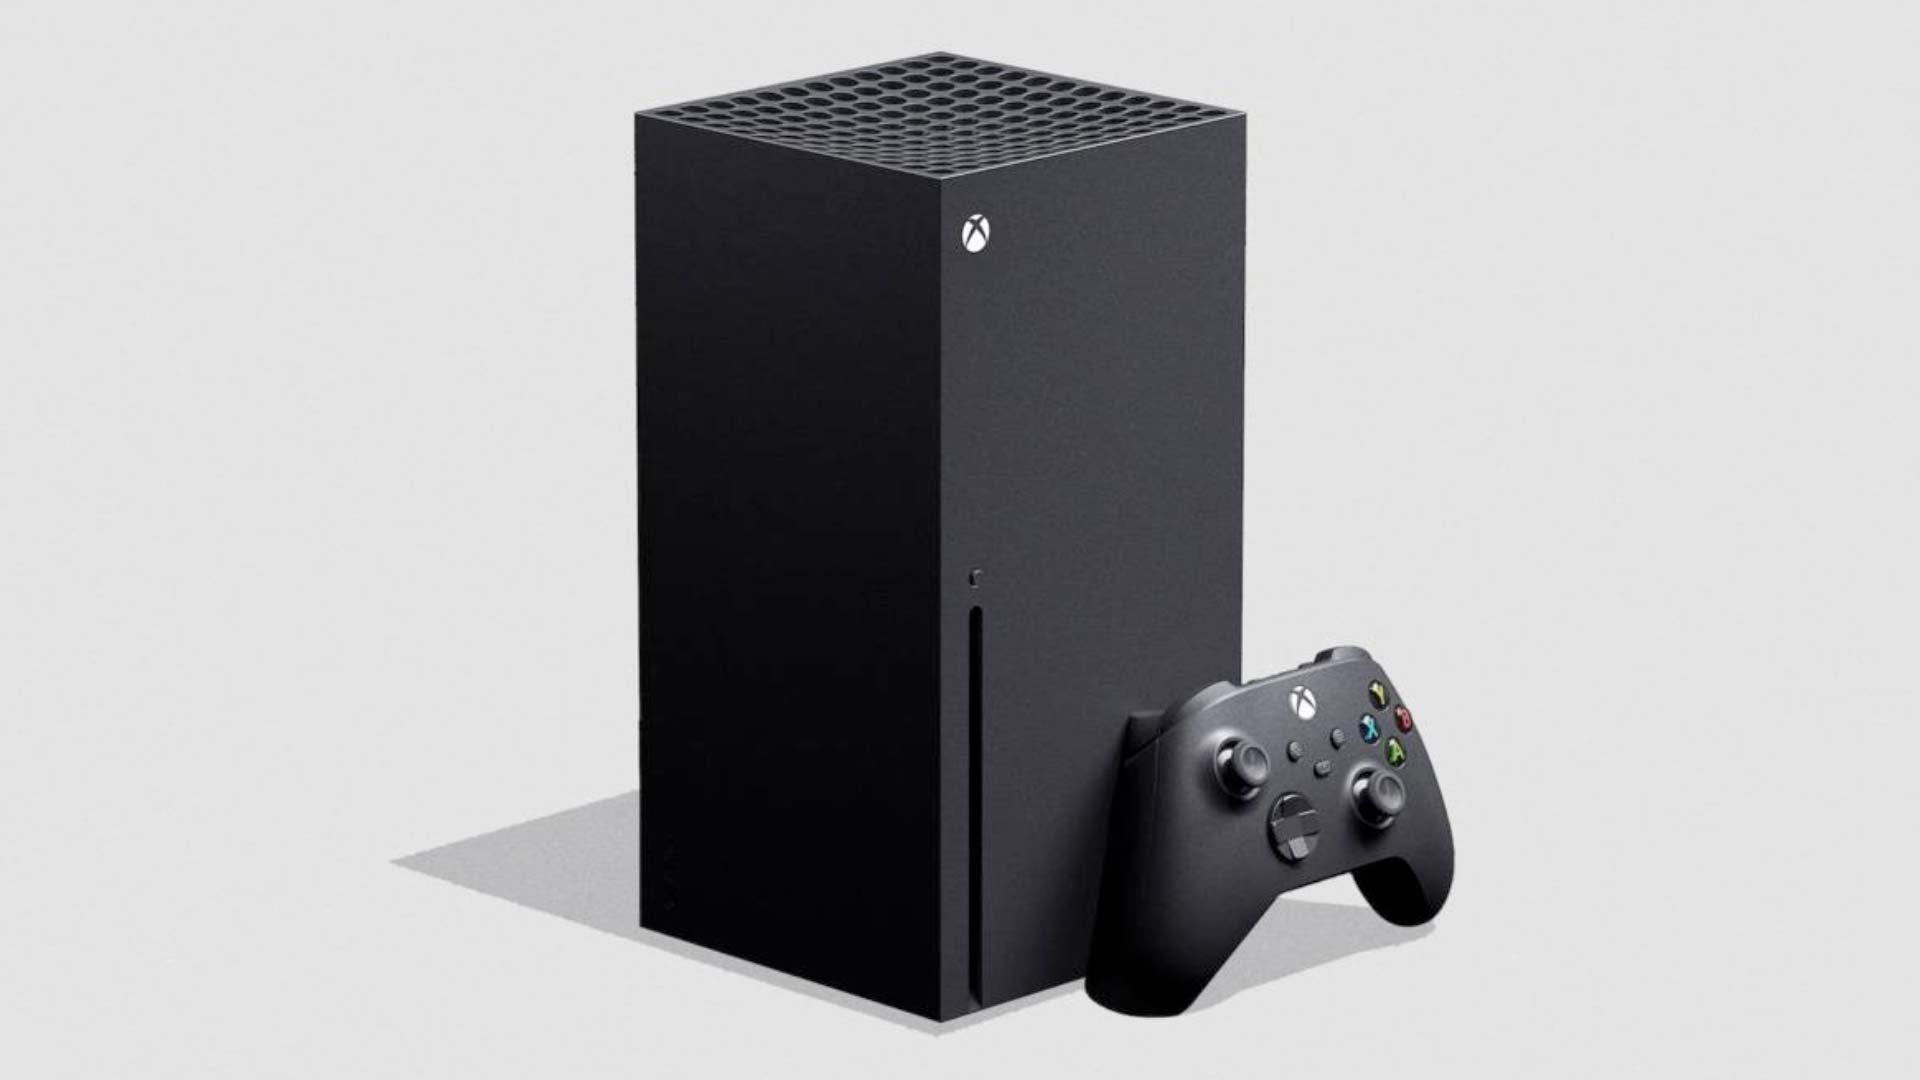 Imagem mostra o novo console do Xbox